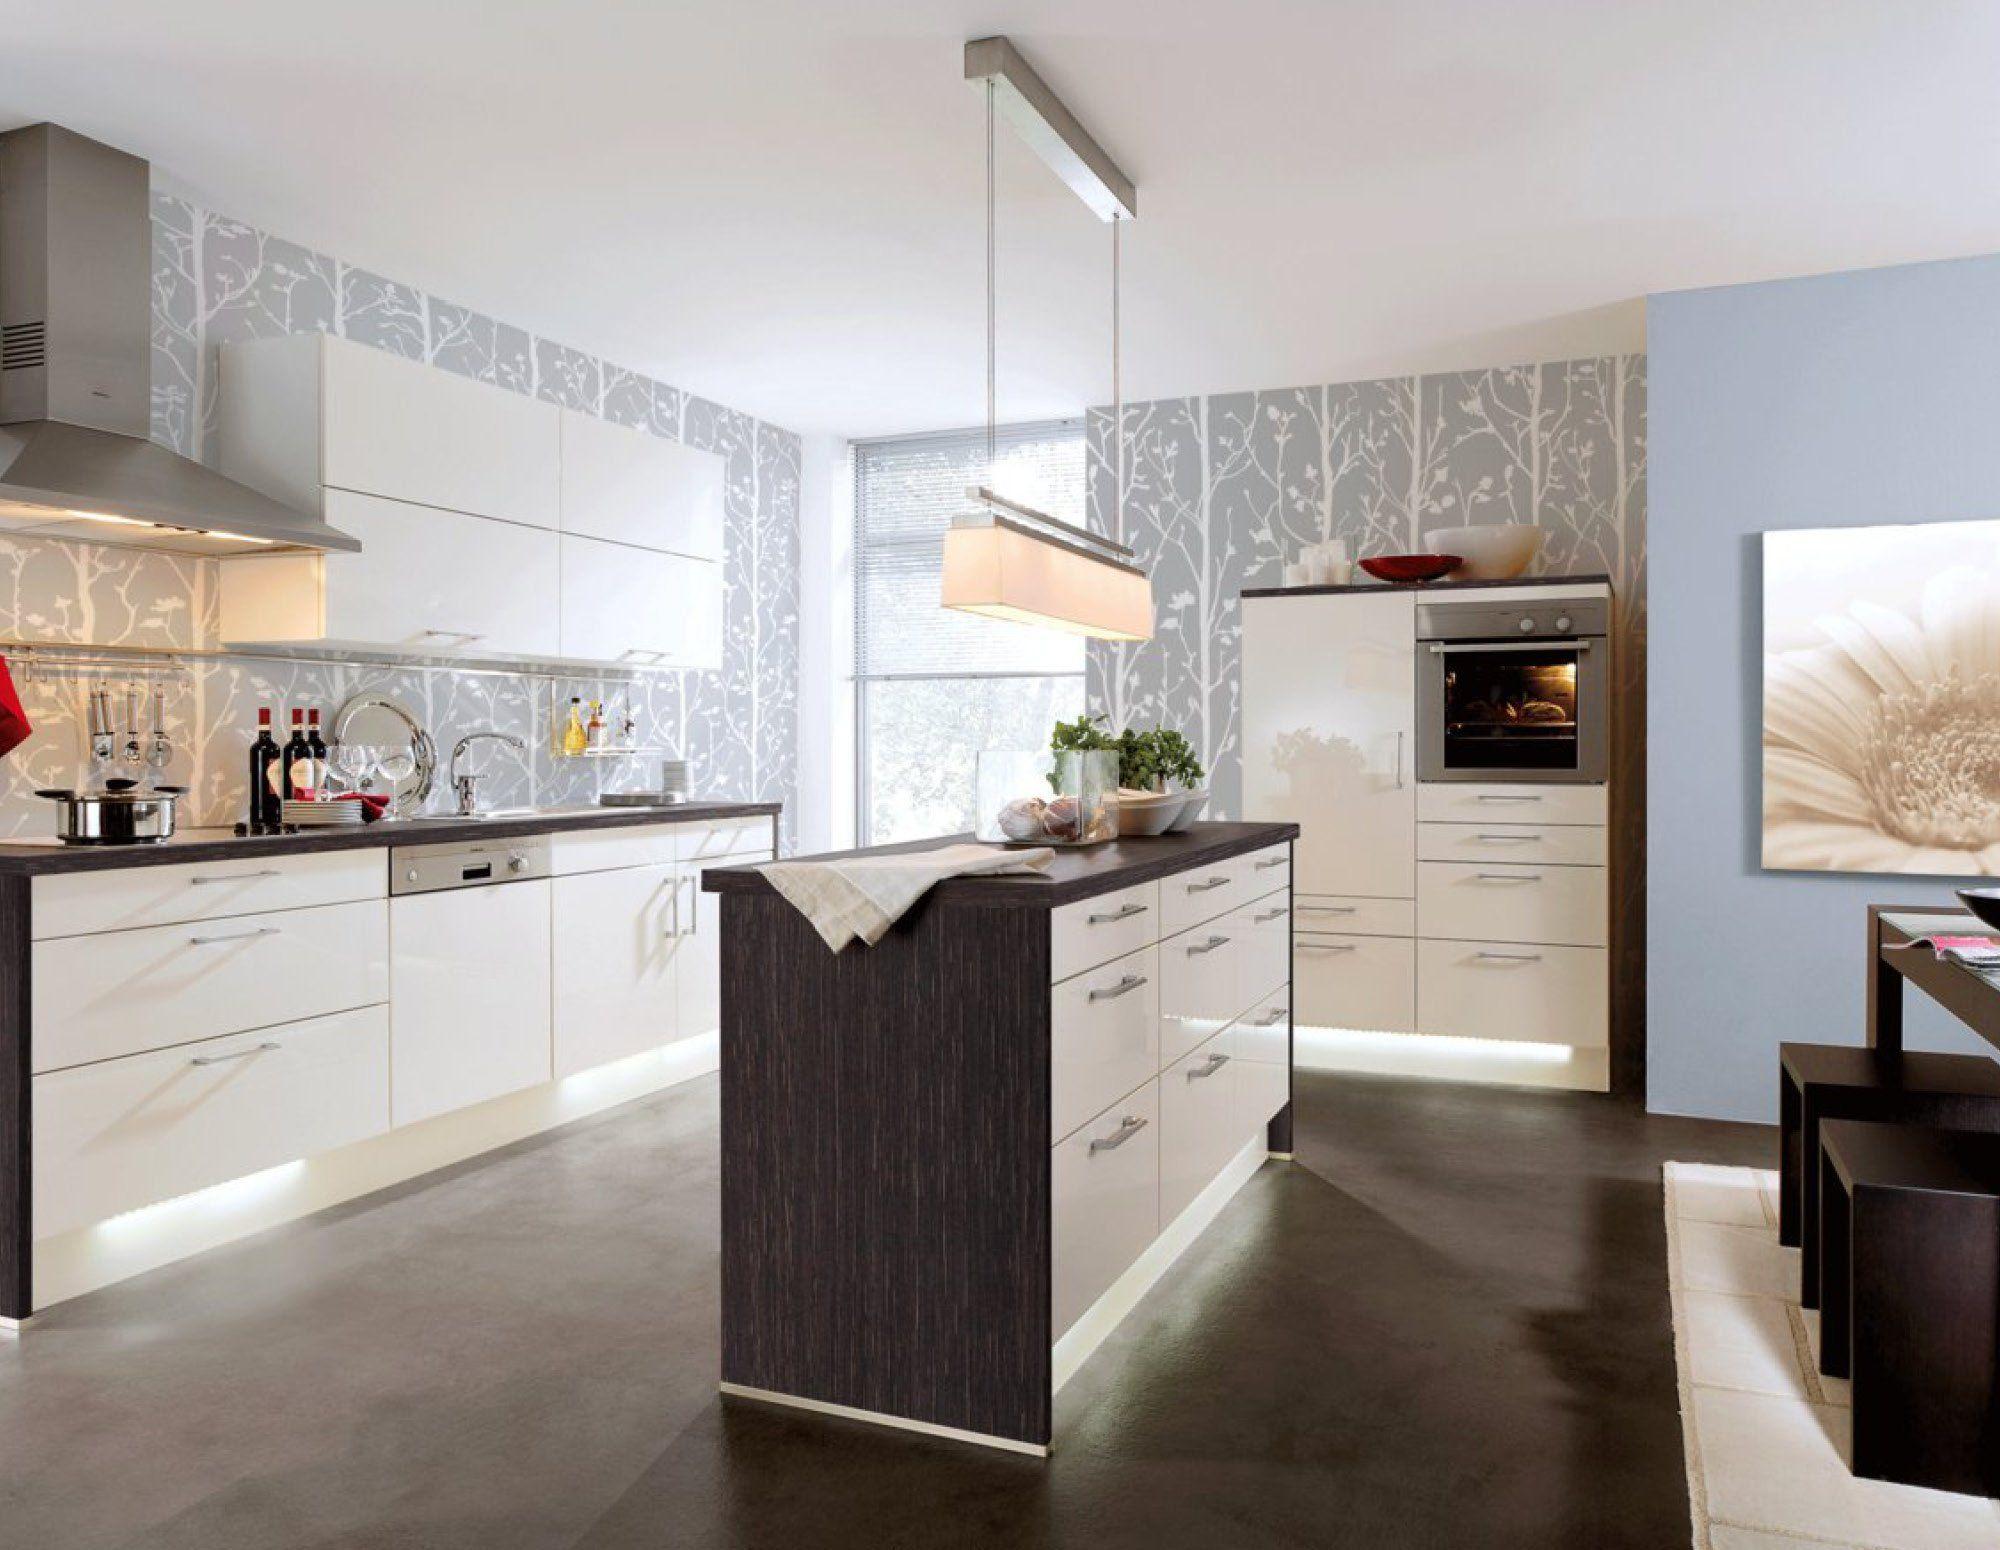 Inselküchen moderne inselküche mit hochglanz fronten inselküchen